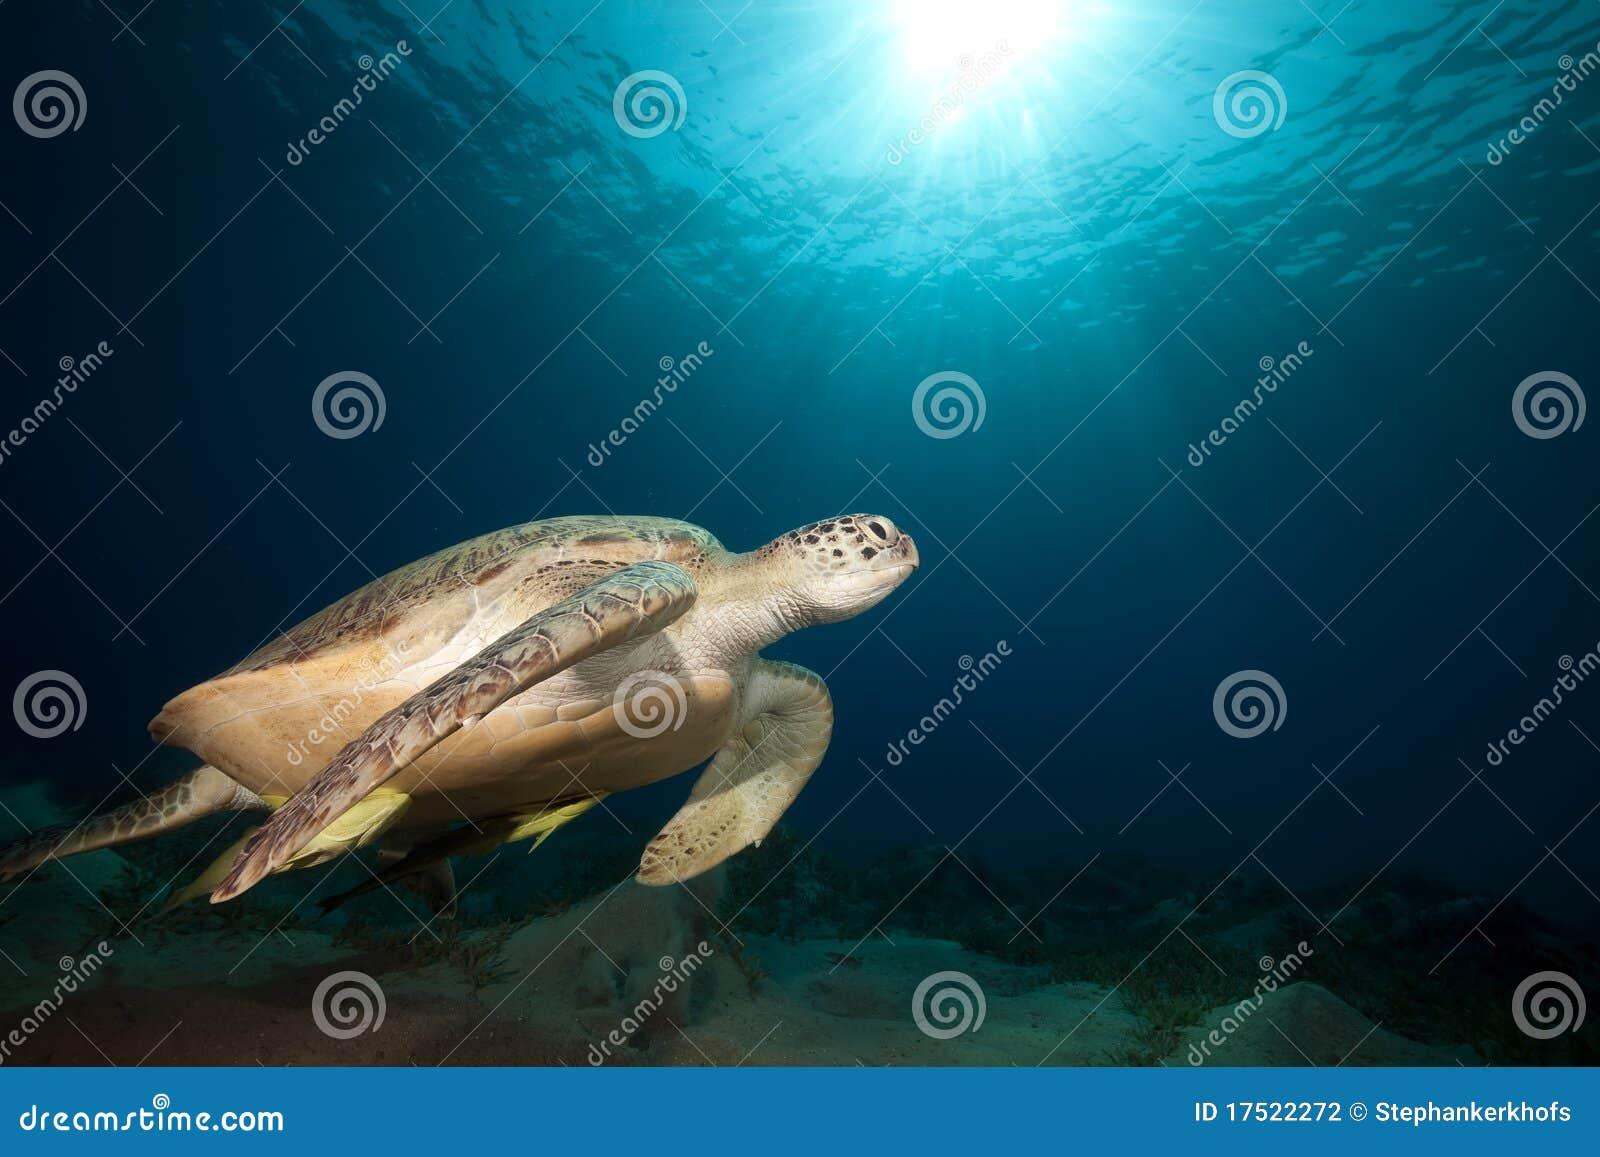 Groene schildpad en oceaan.